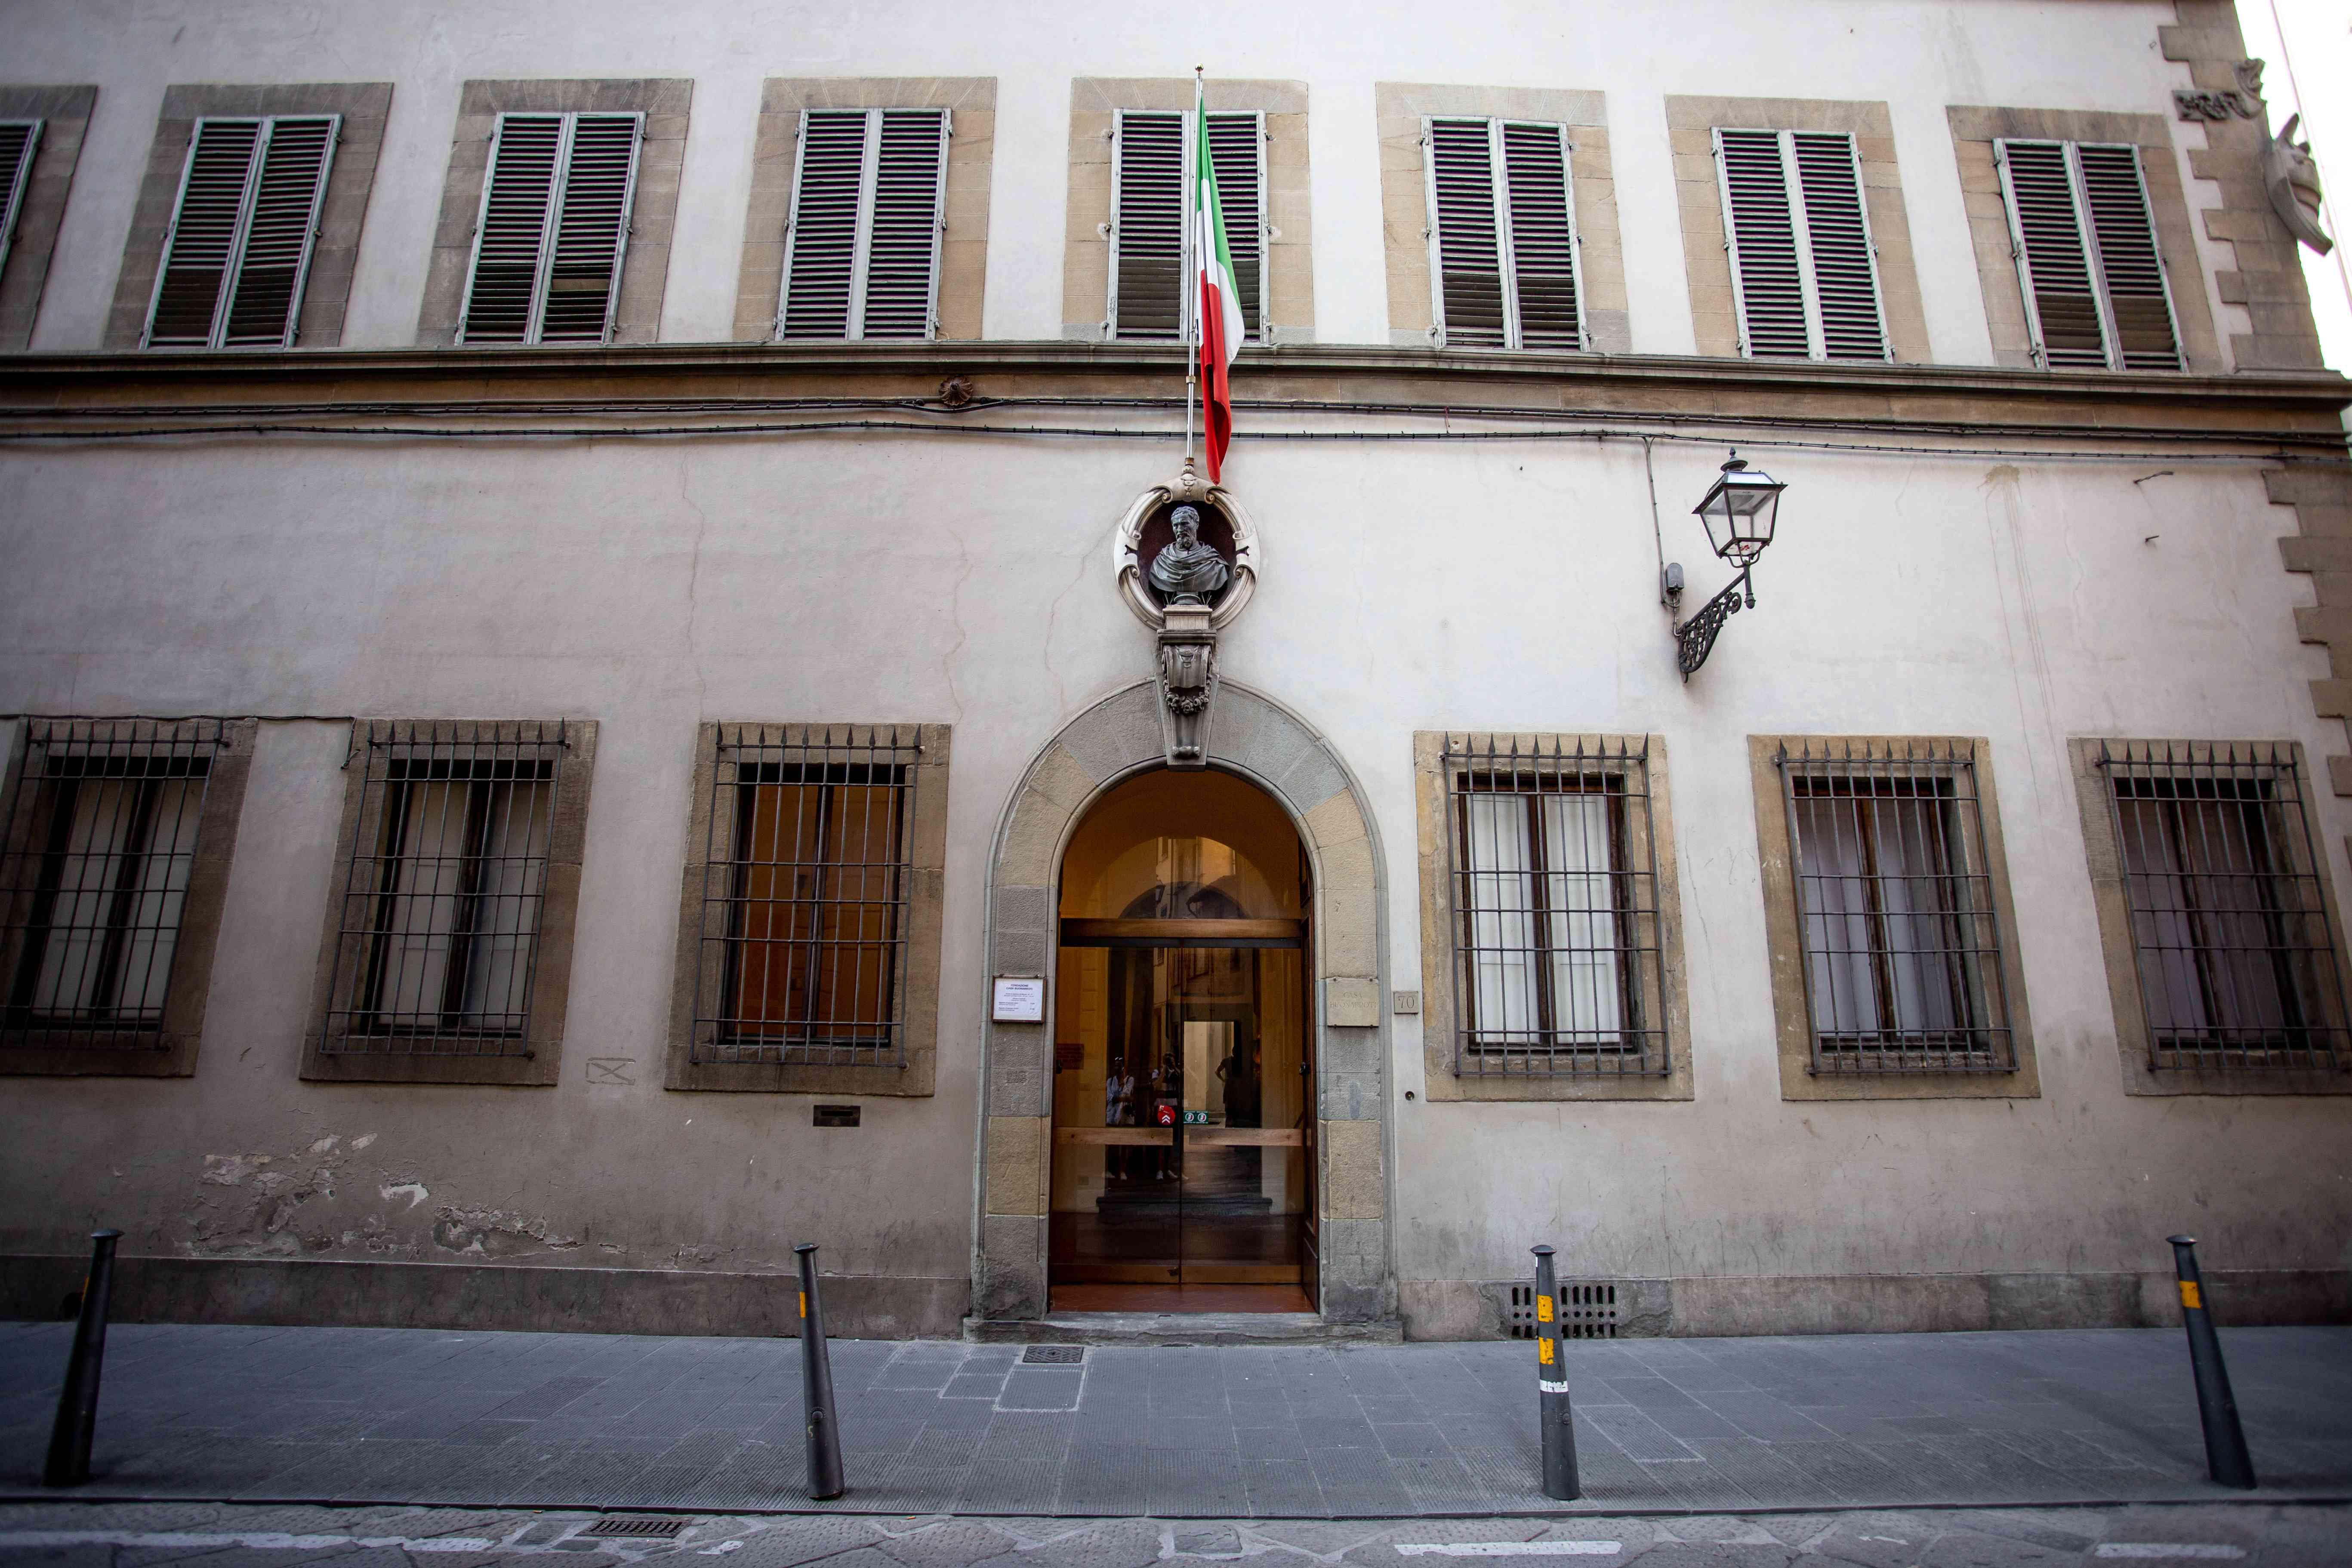 Casa Buonarroti in Florence, Italy